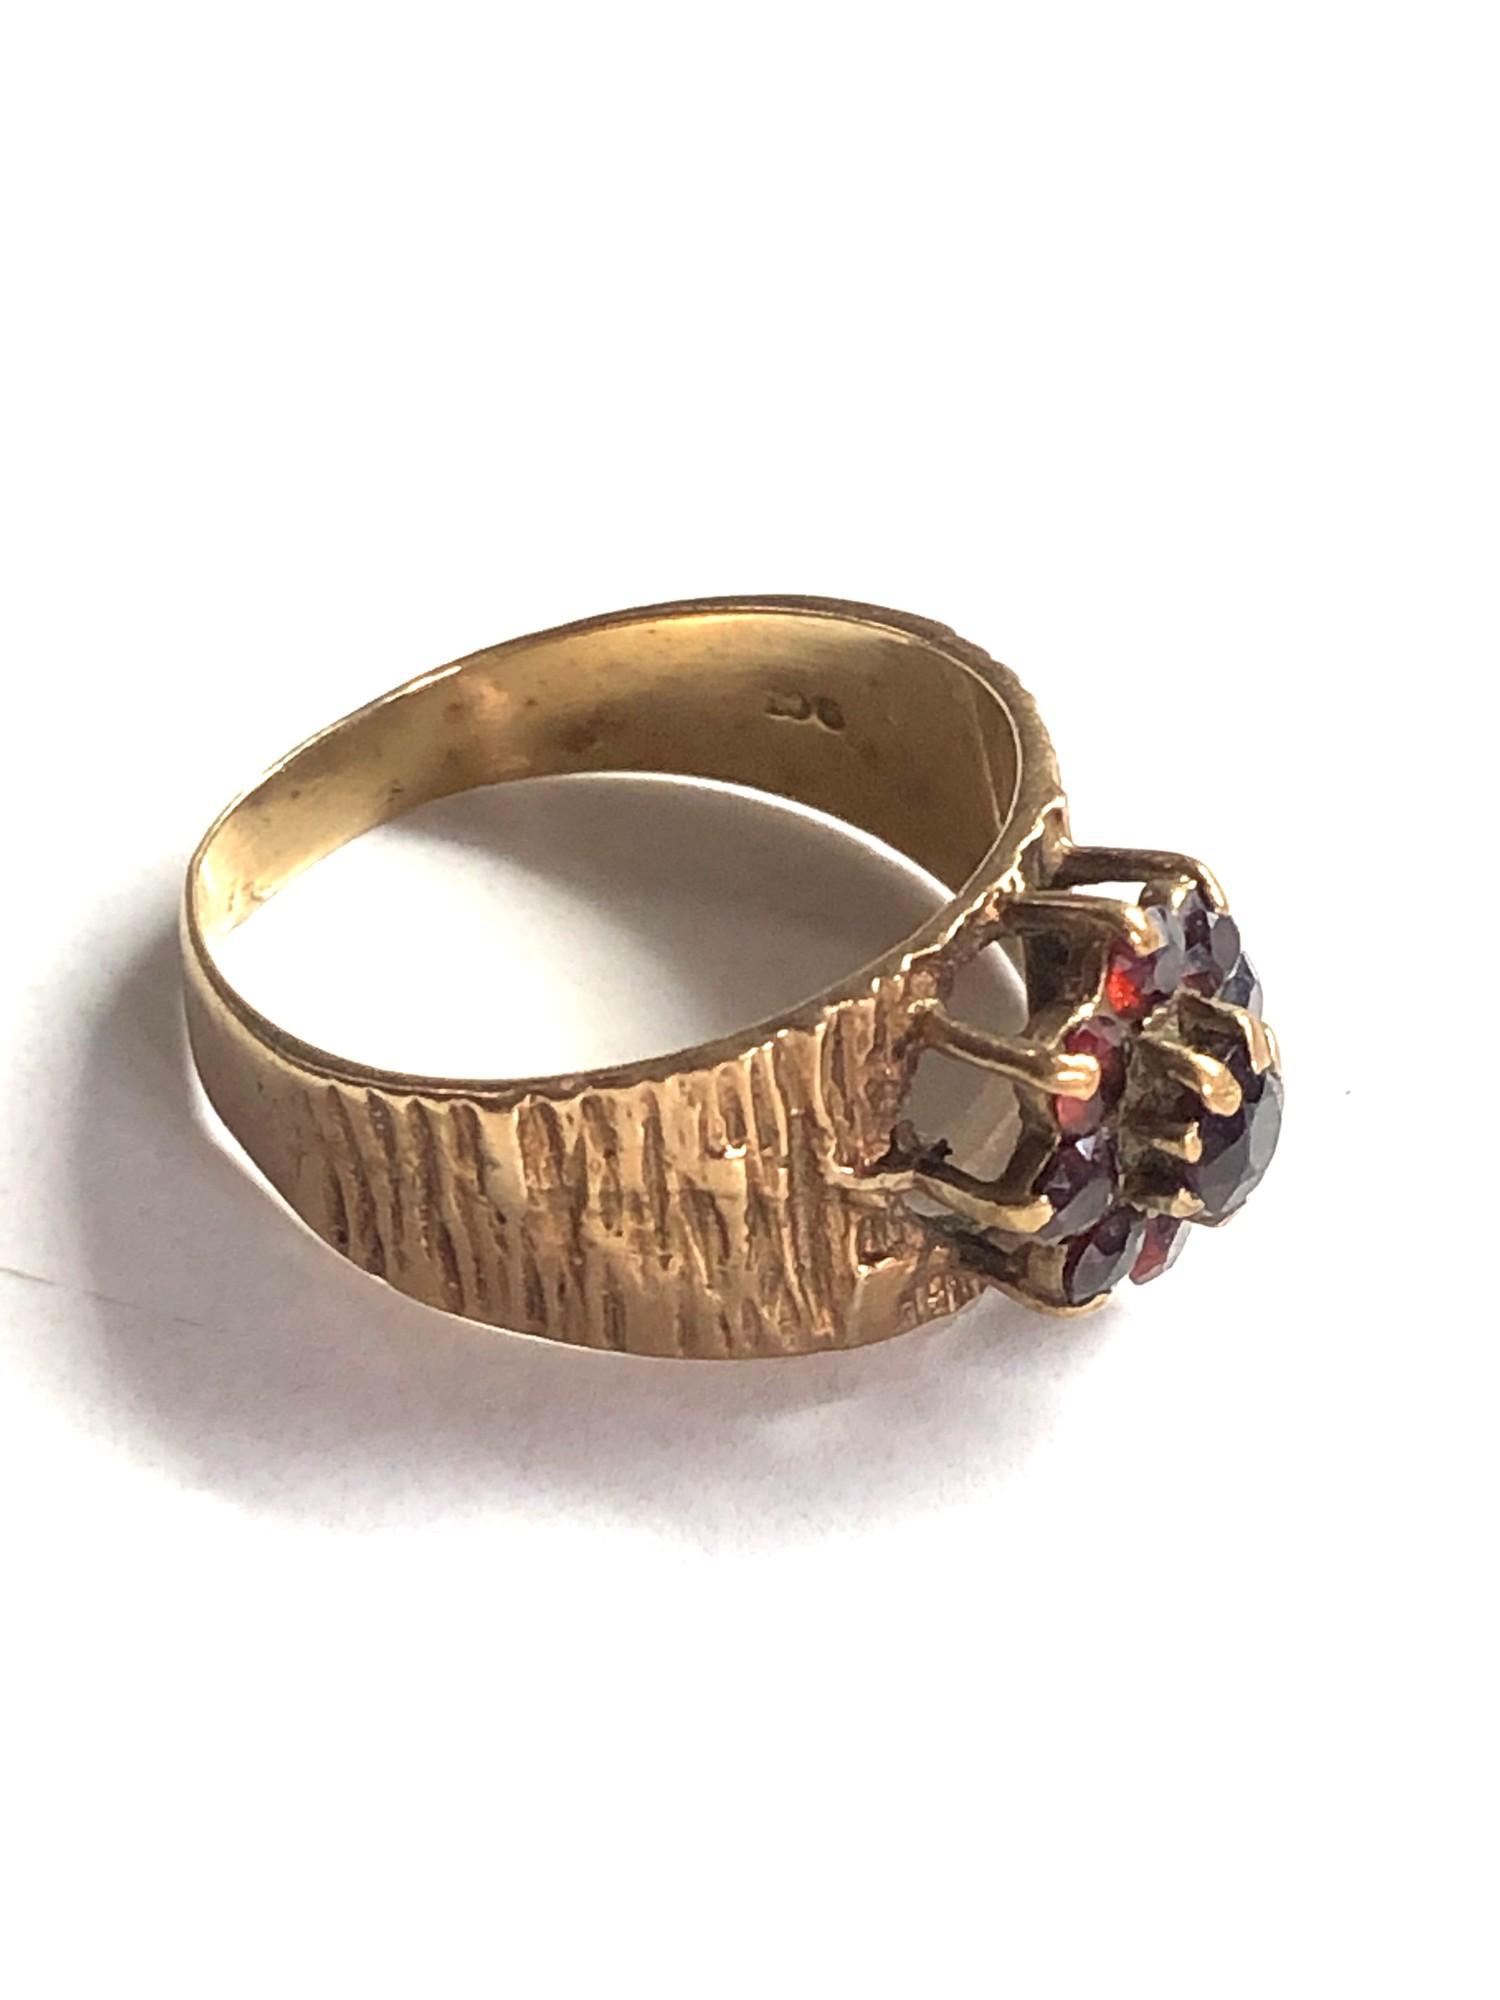 1970s bark textured garnet cluster ring 3.4g - Image 2 of 3